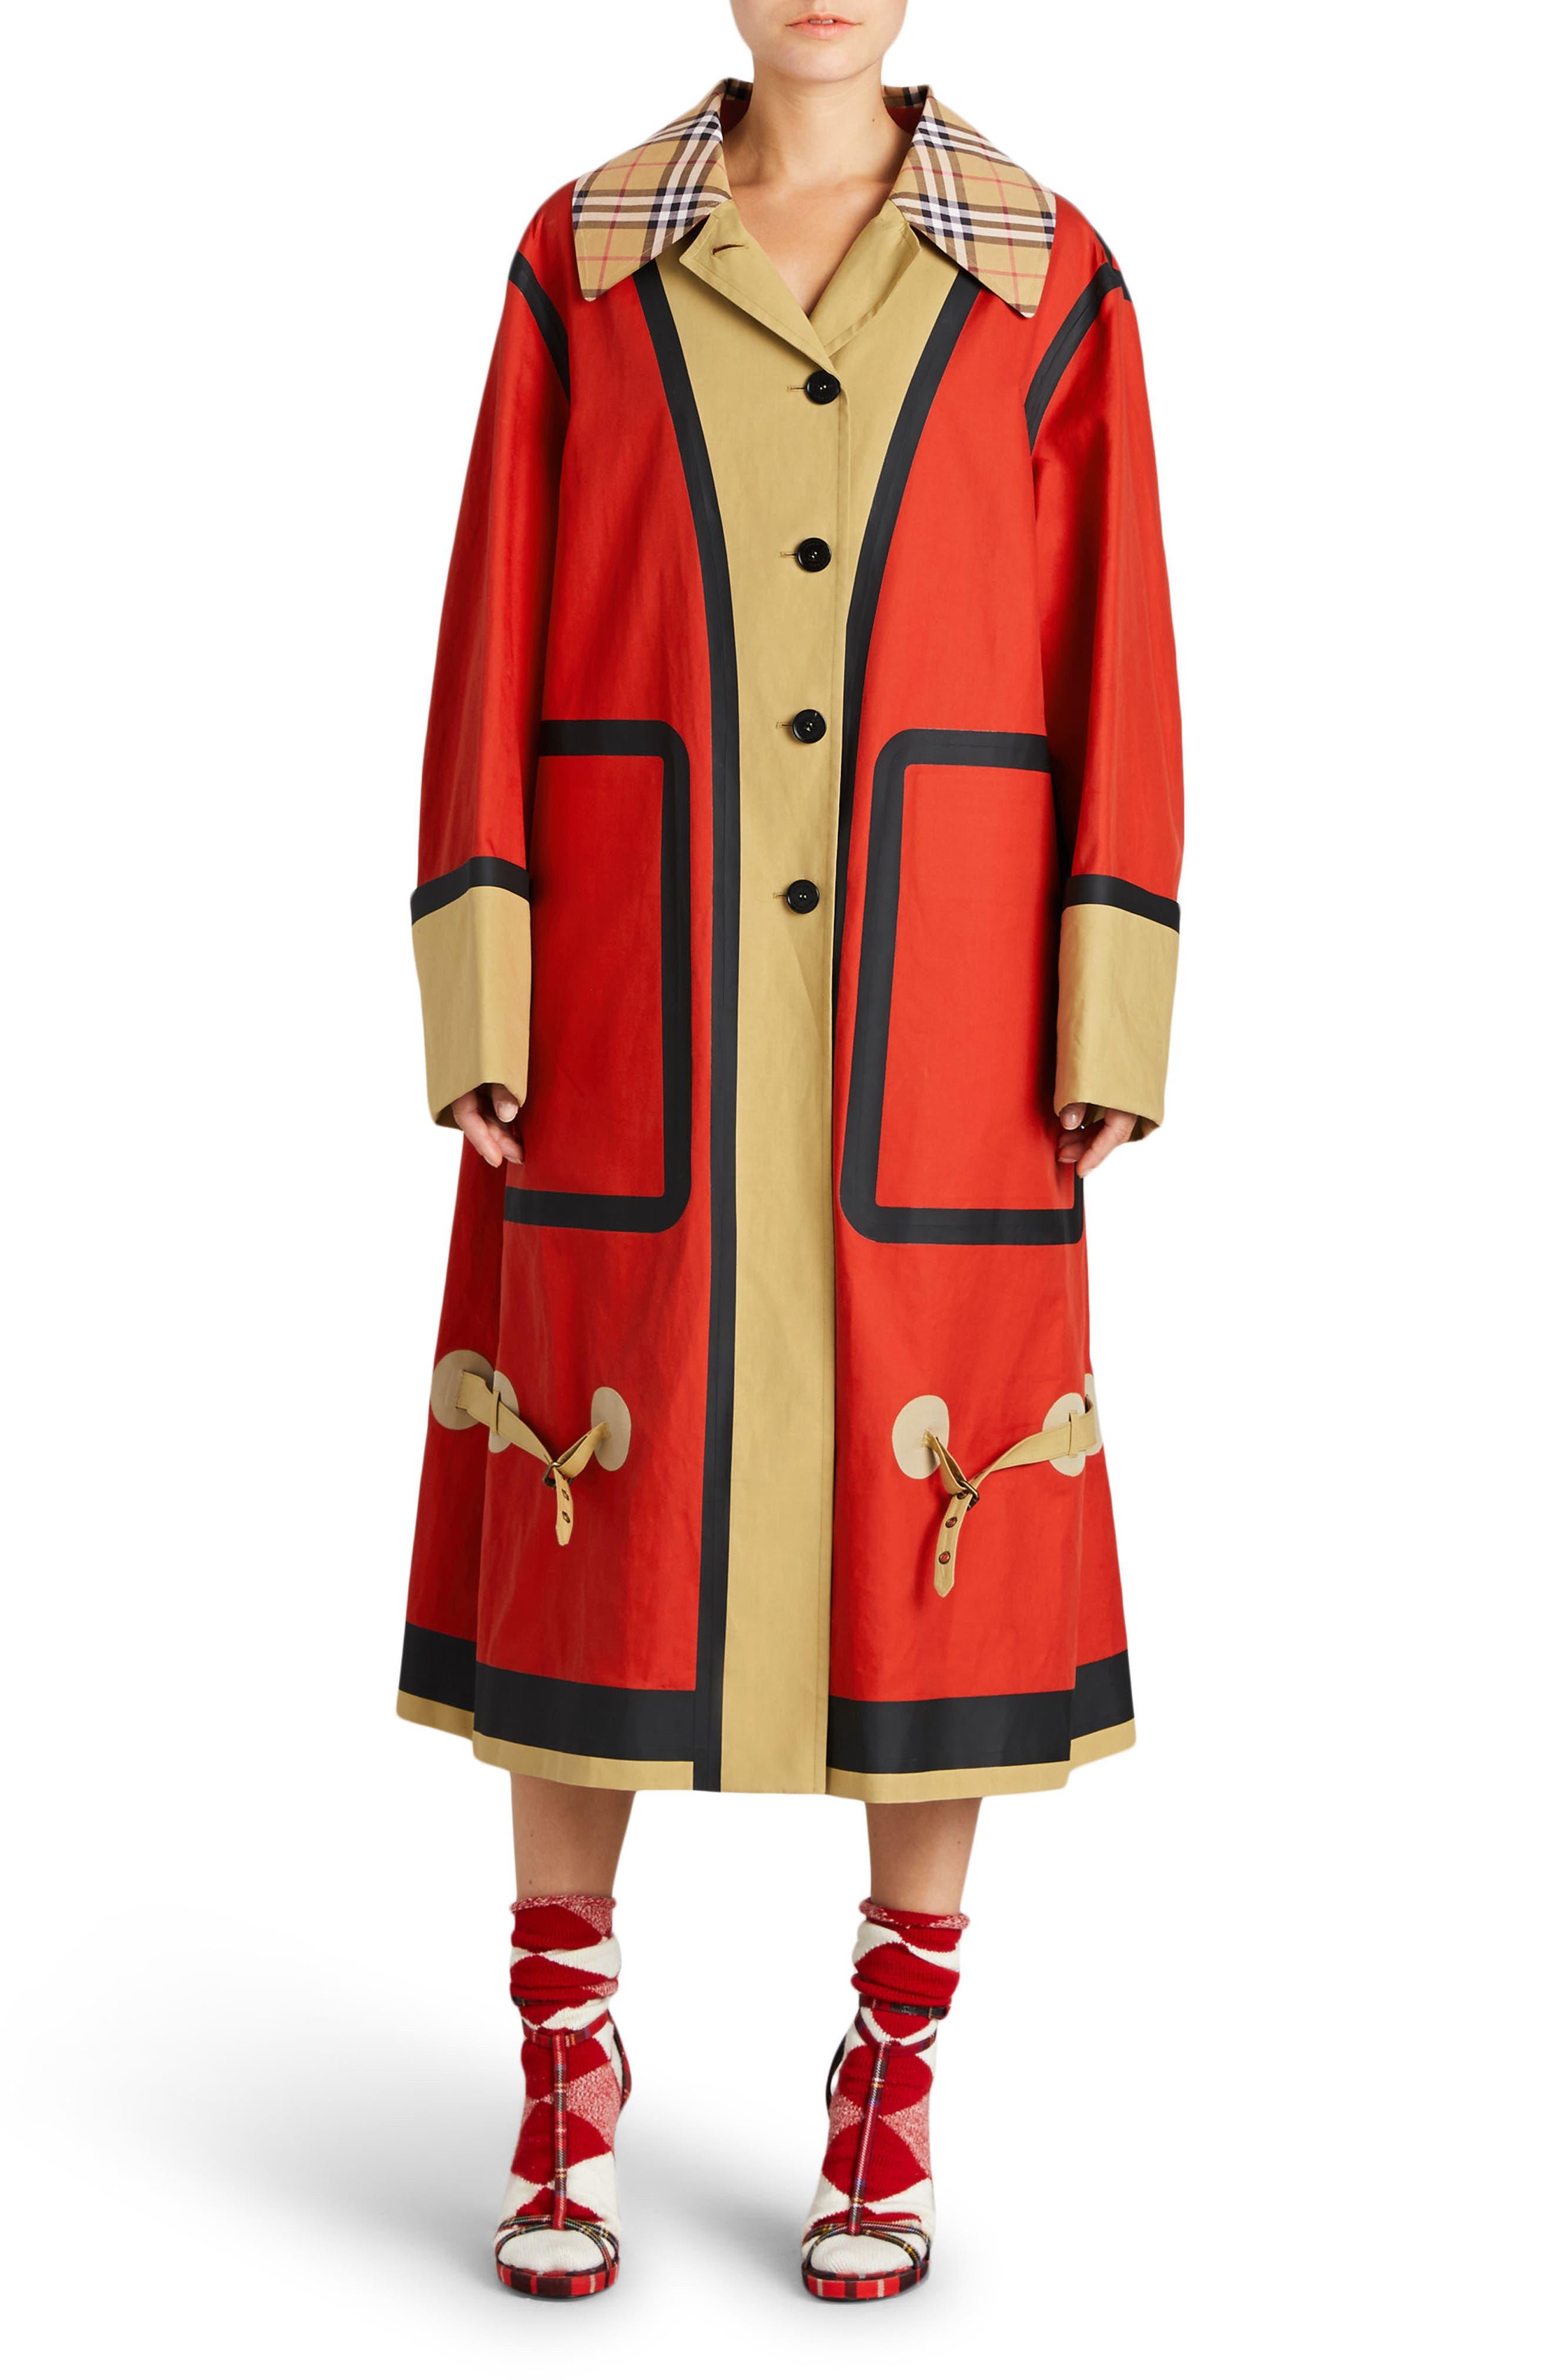 BURBERRY, Colorblock Cotton Car Coat, Main thumbnail 1, color, 600